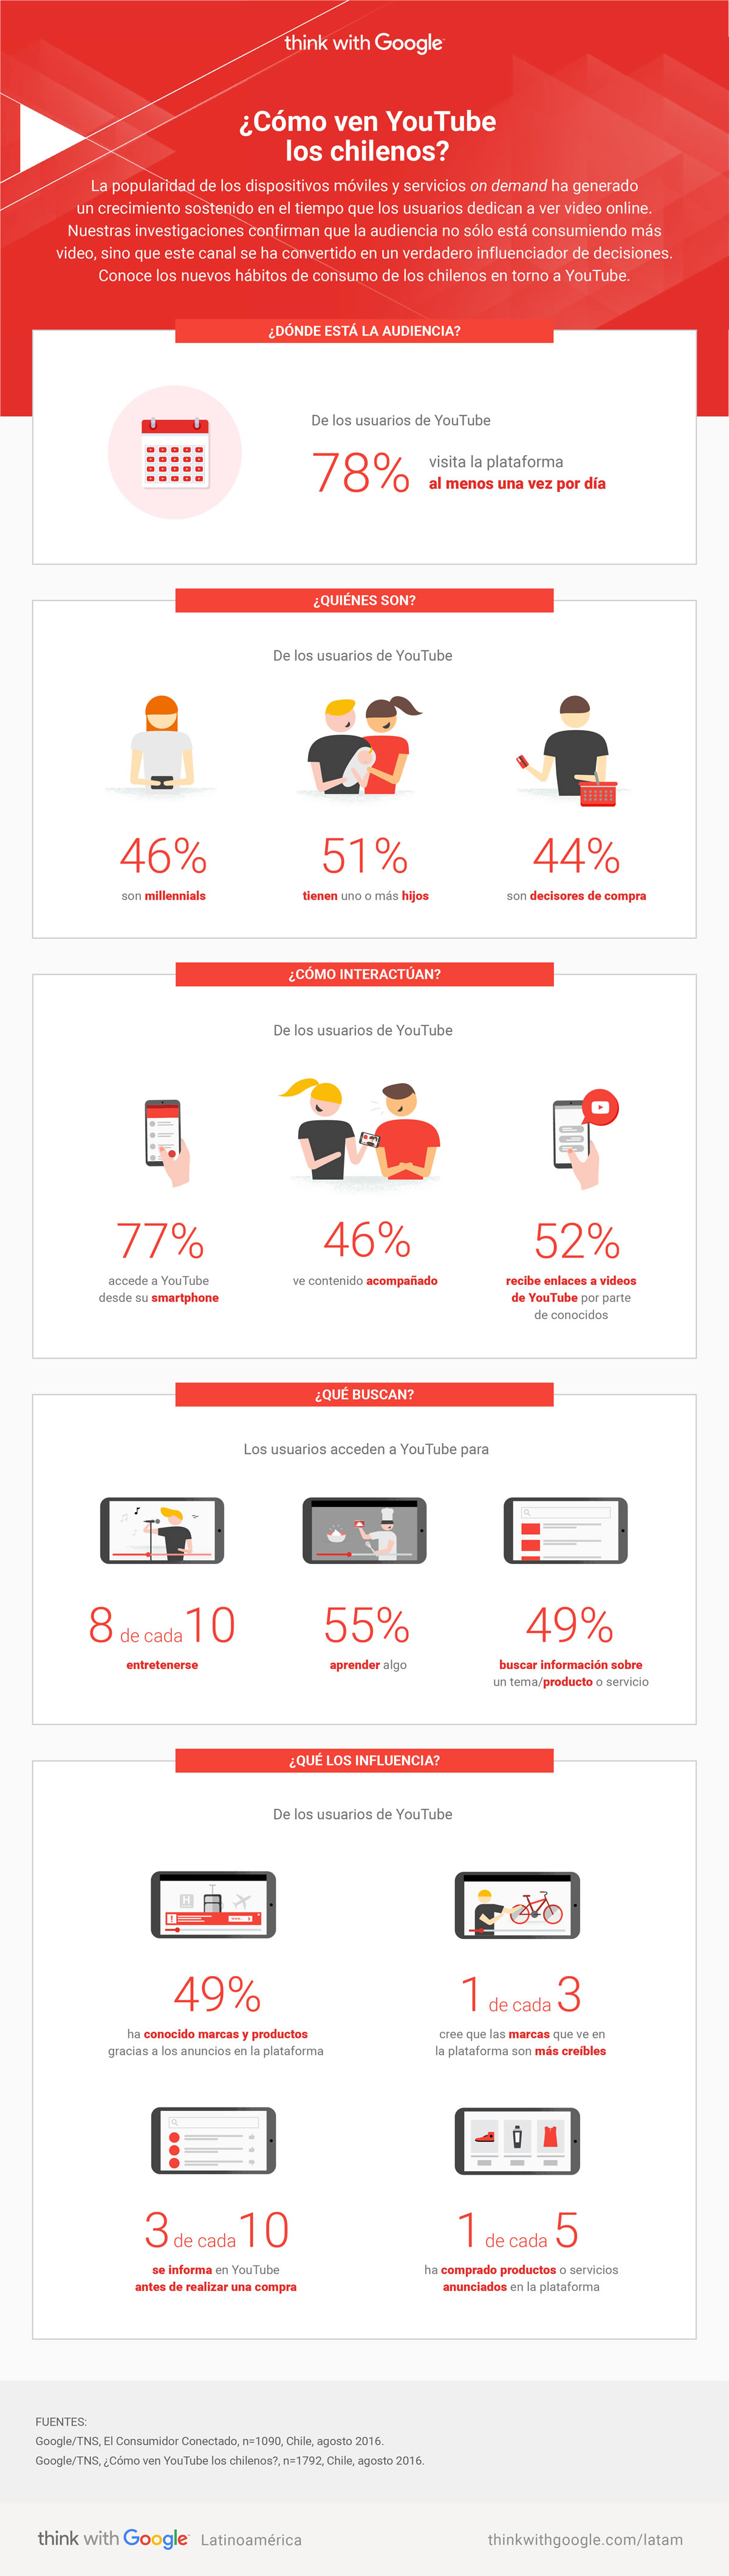 infografia-como-ven-youtube-los-chilenos